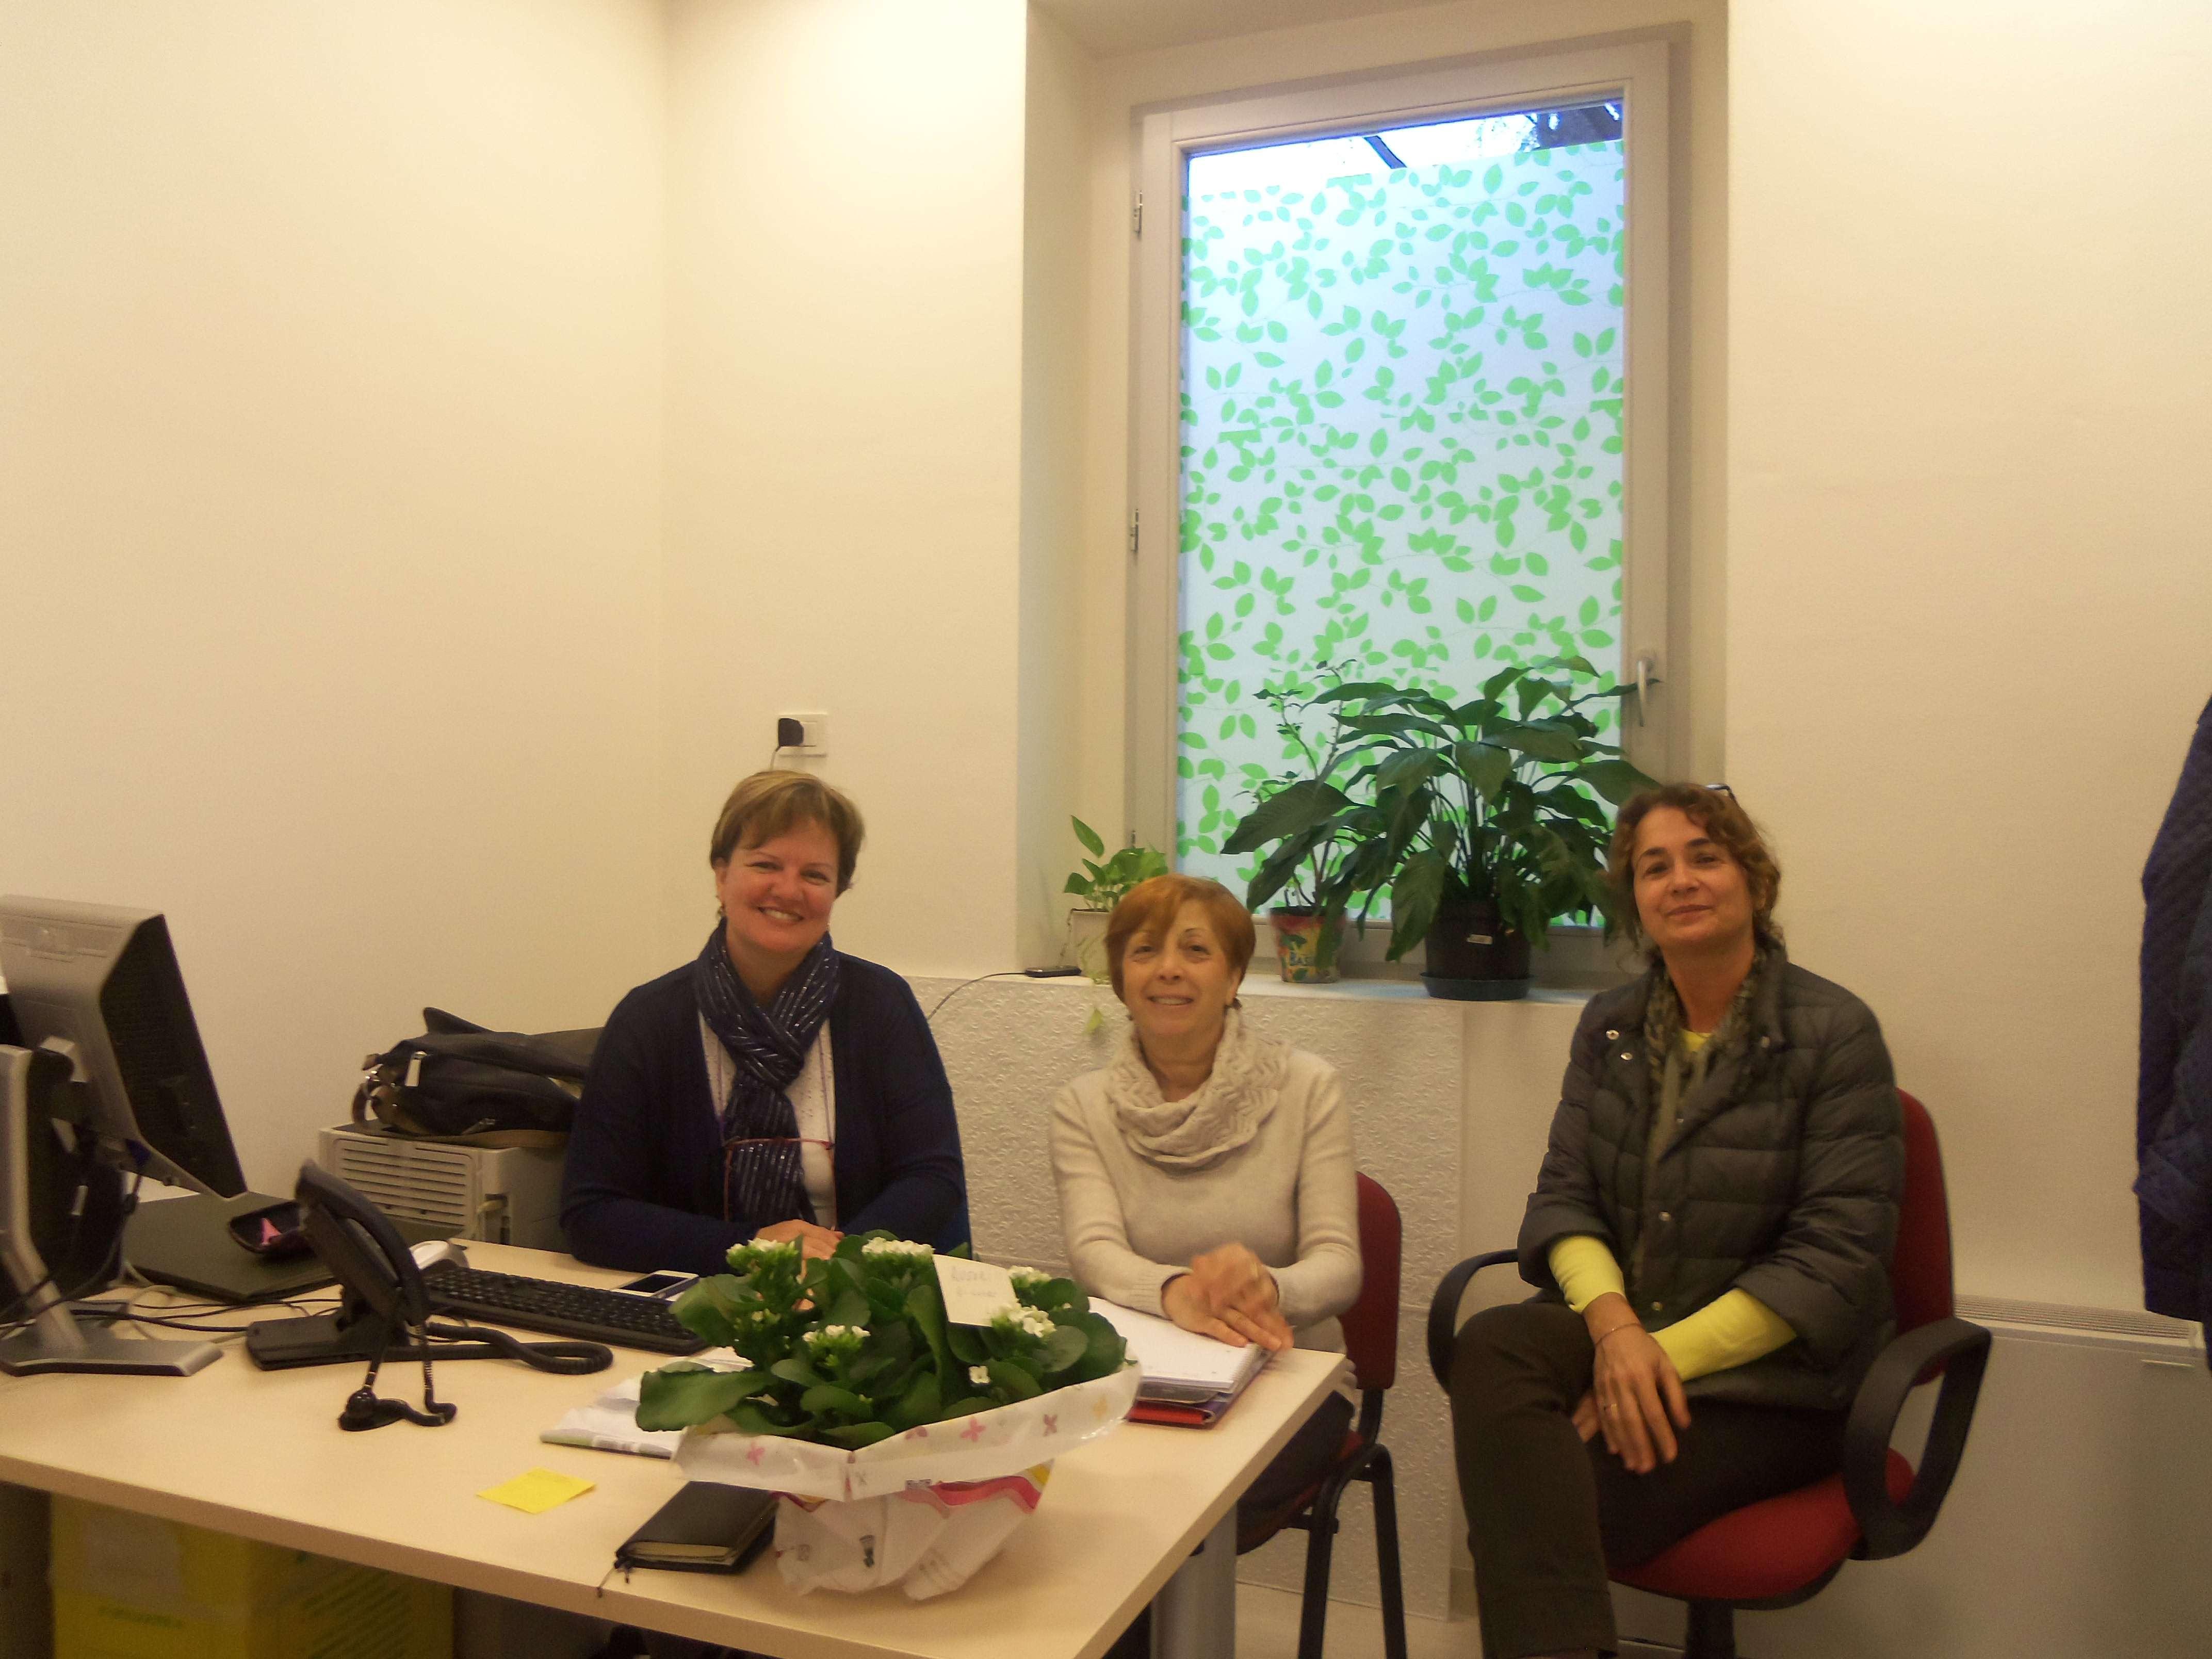 Apre lo Spazio anziani all'Asl di Novara: è il progetto